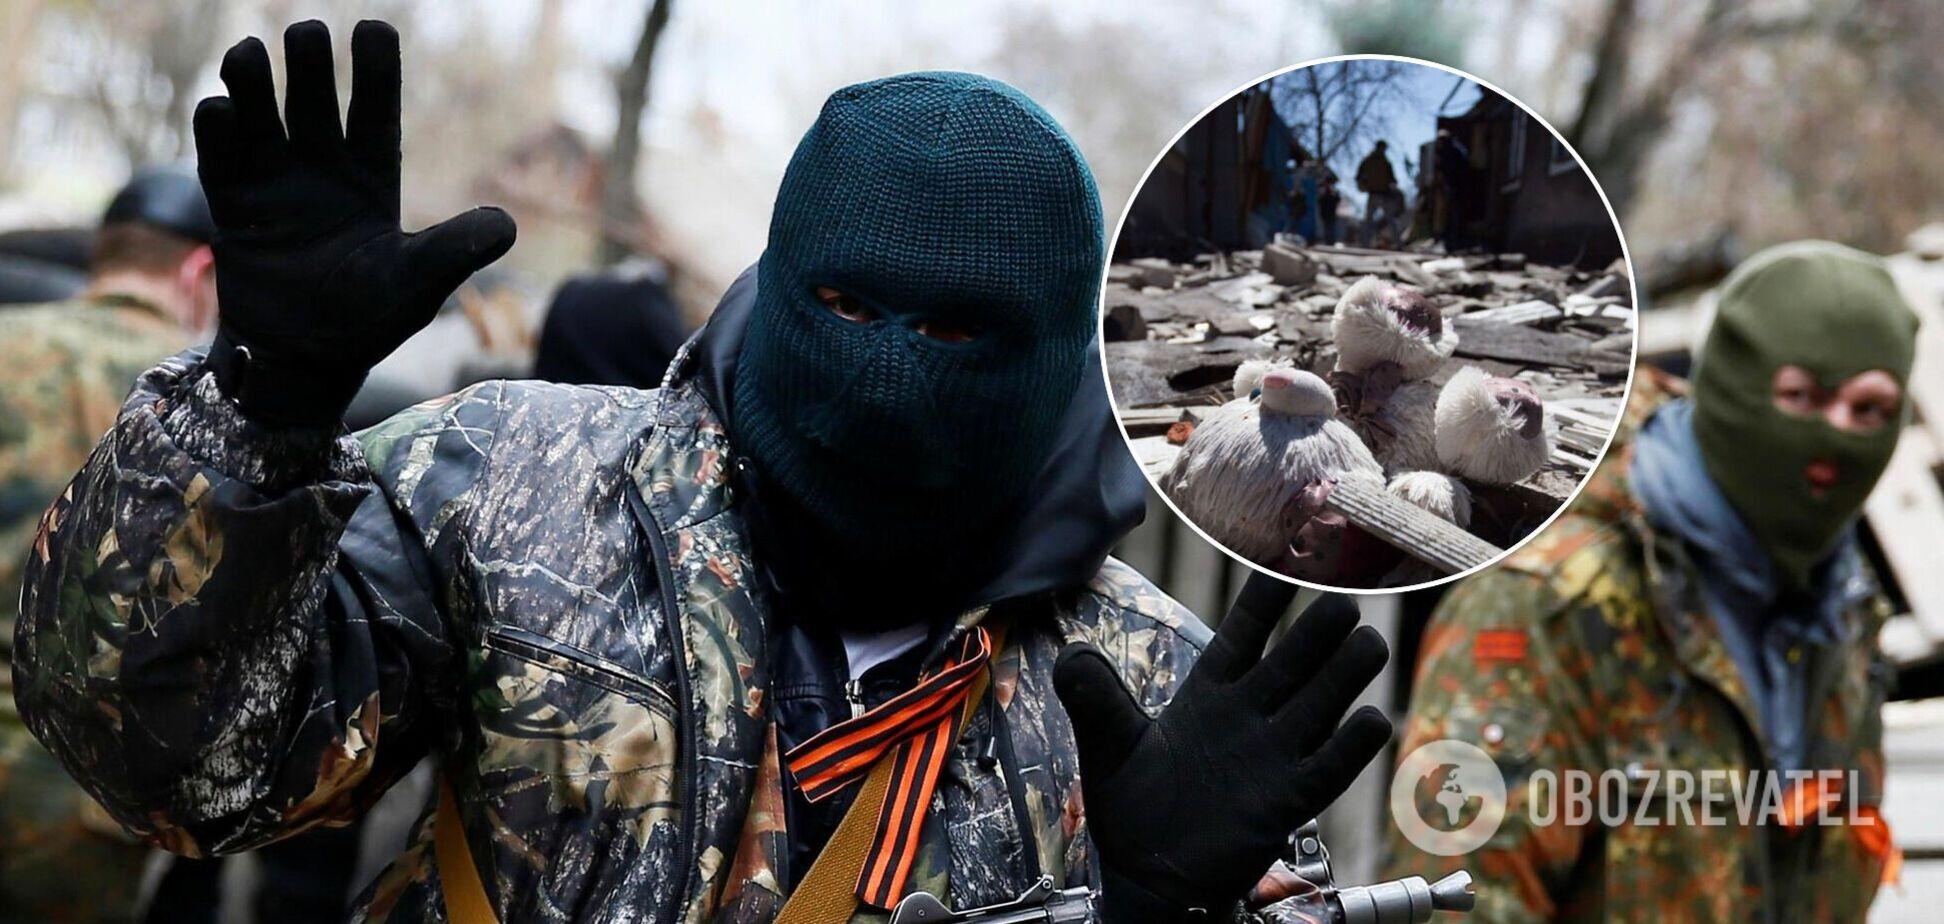 Найманець РФ вистрілив із автомата в 15-річну дівчинку на Донбасі – розвідка